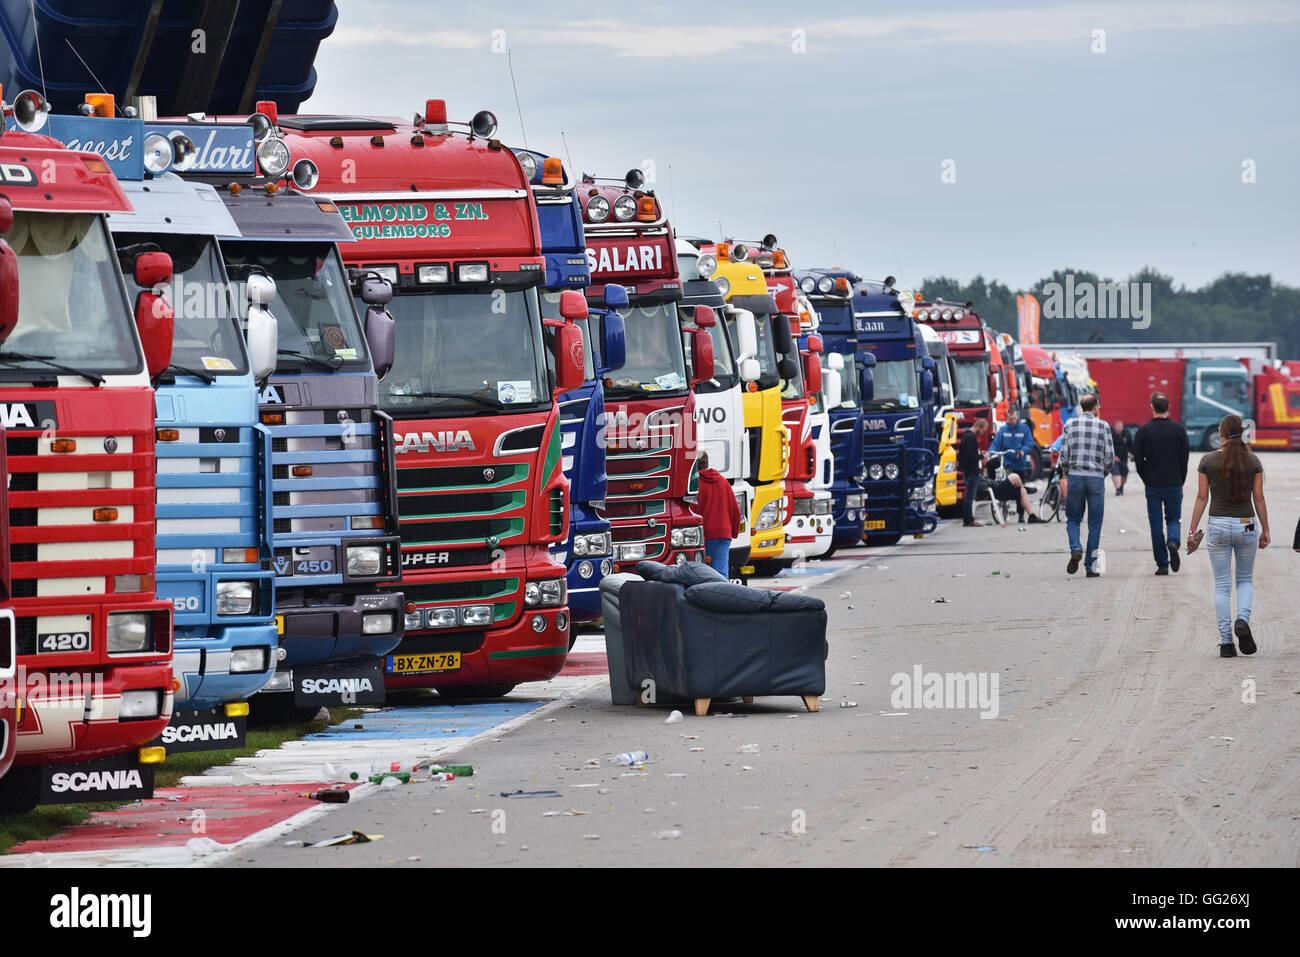 Truckstar Festival ist eine jährliche Veranstaltung auf dem TT Circuit in Assen. Stockbild